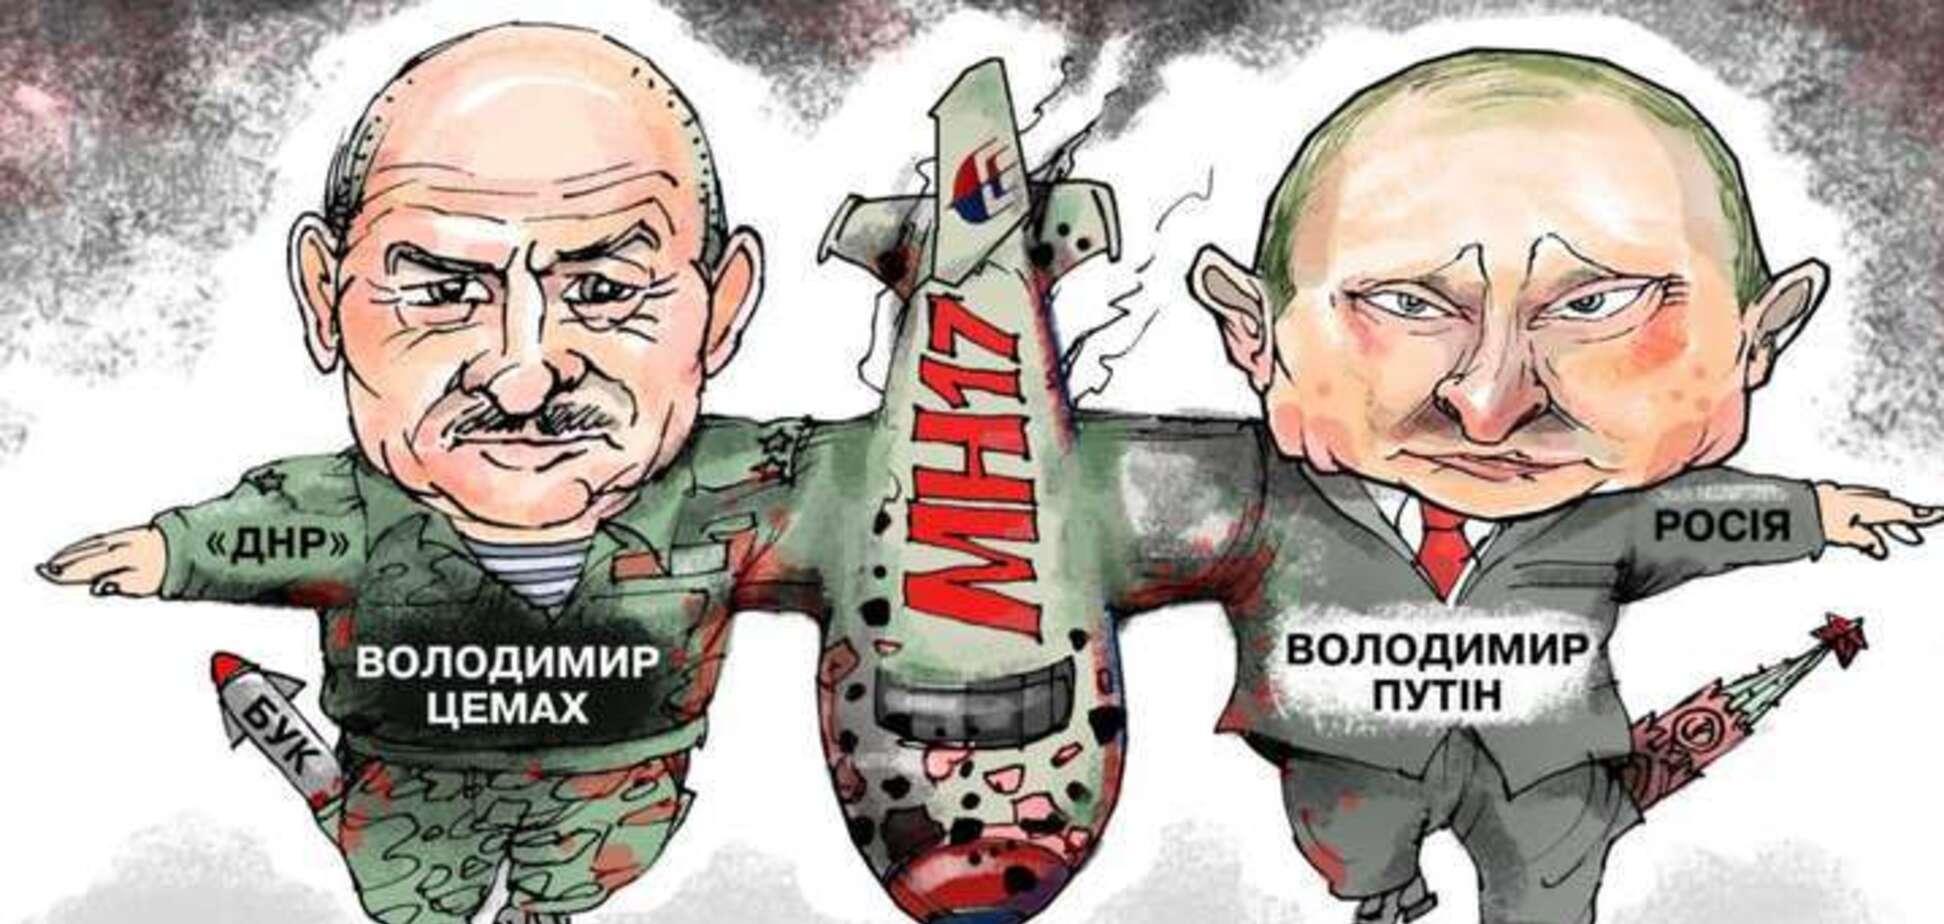 'Тихий тріумф Путіна': нідерландські ЗМІ висловились про звільнення Україною Цемаха